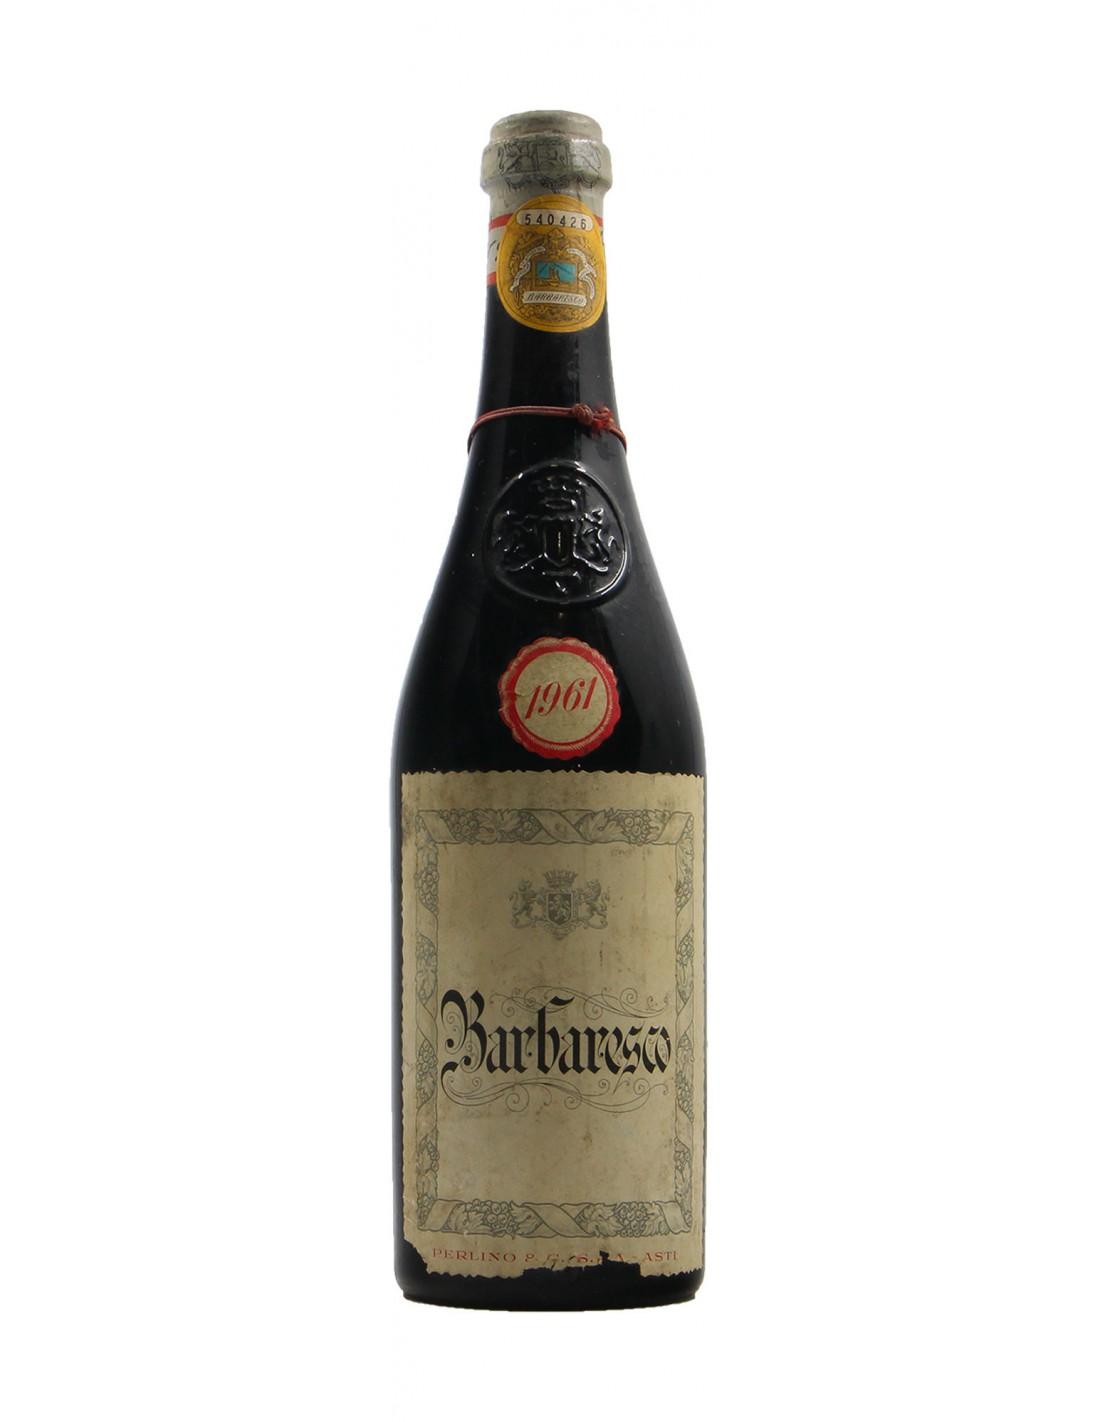 Barbaresco 1961 PERLINO GRANDI BOTTIGLIE